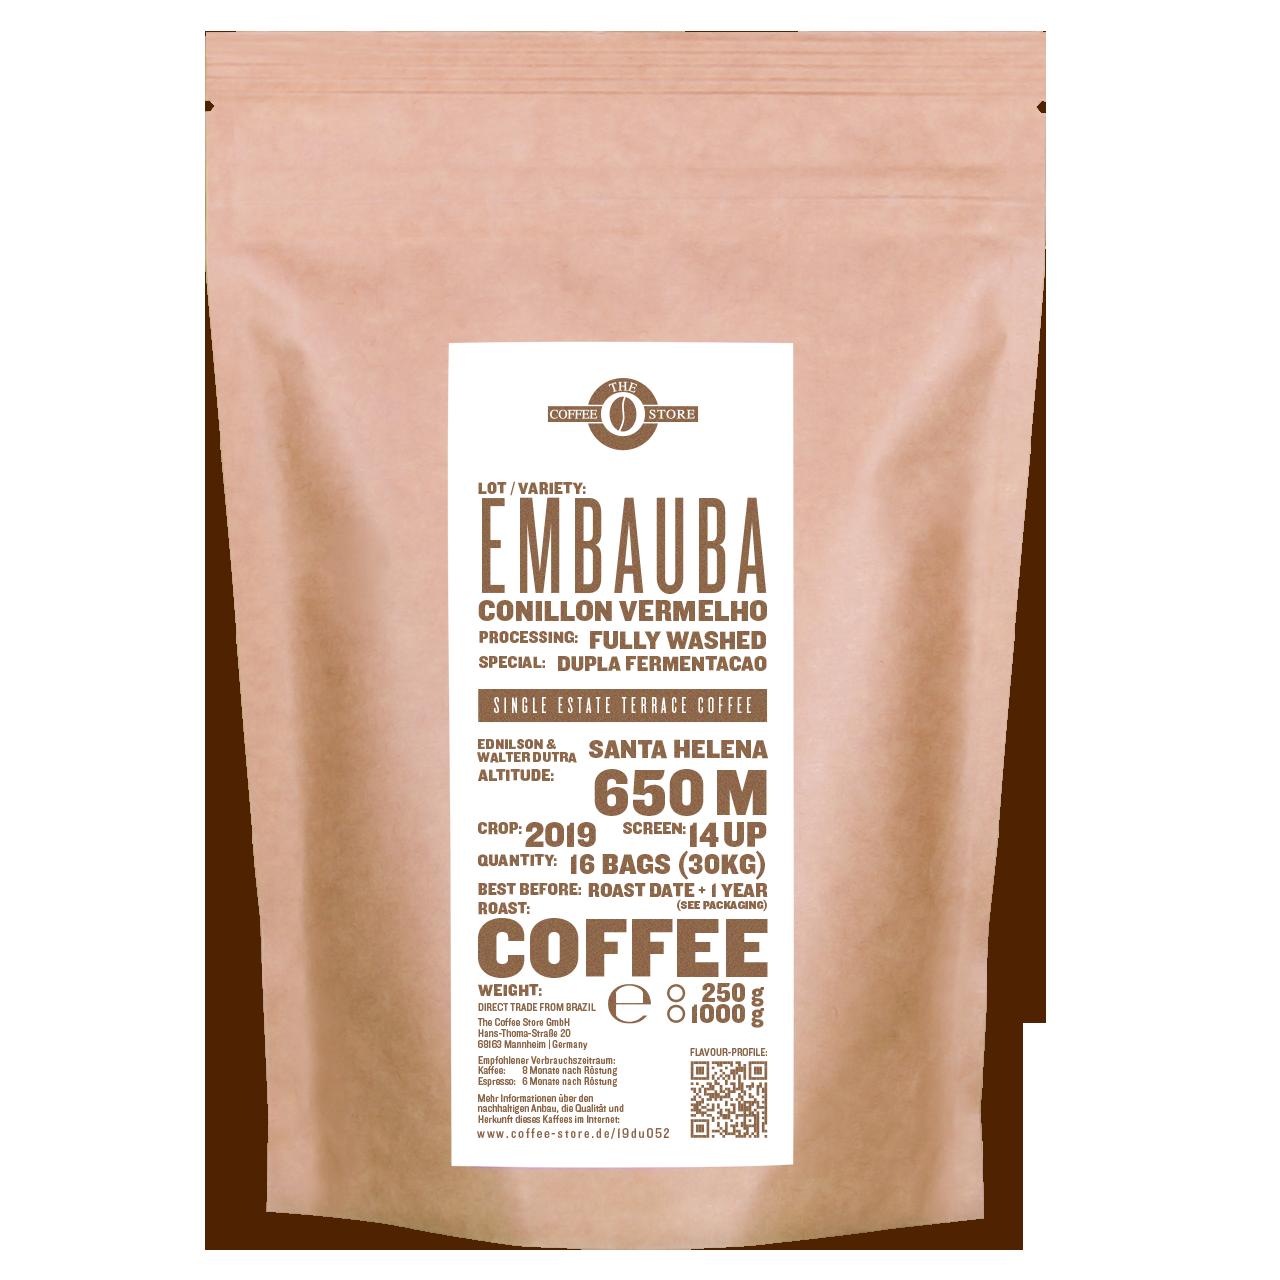 Embauba, Conillon vermelho - Kaffeeröstung